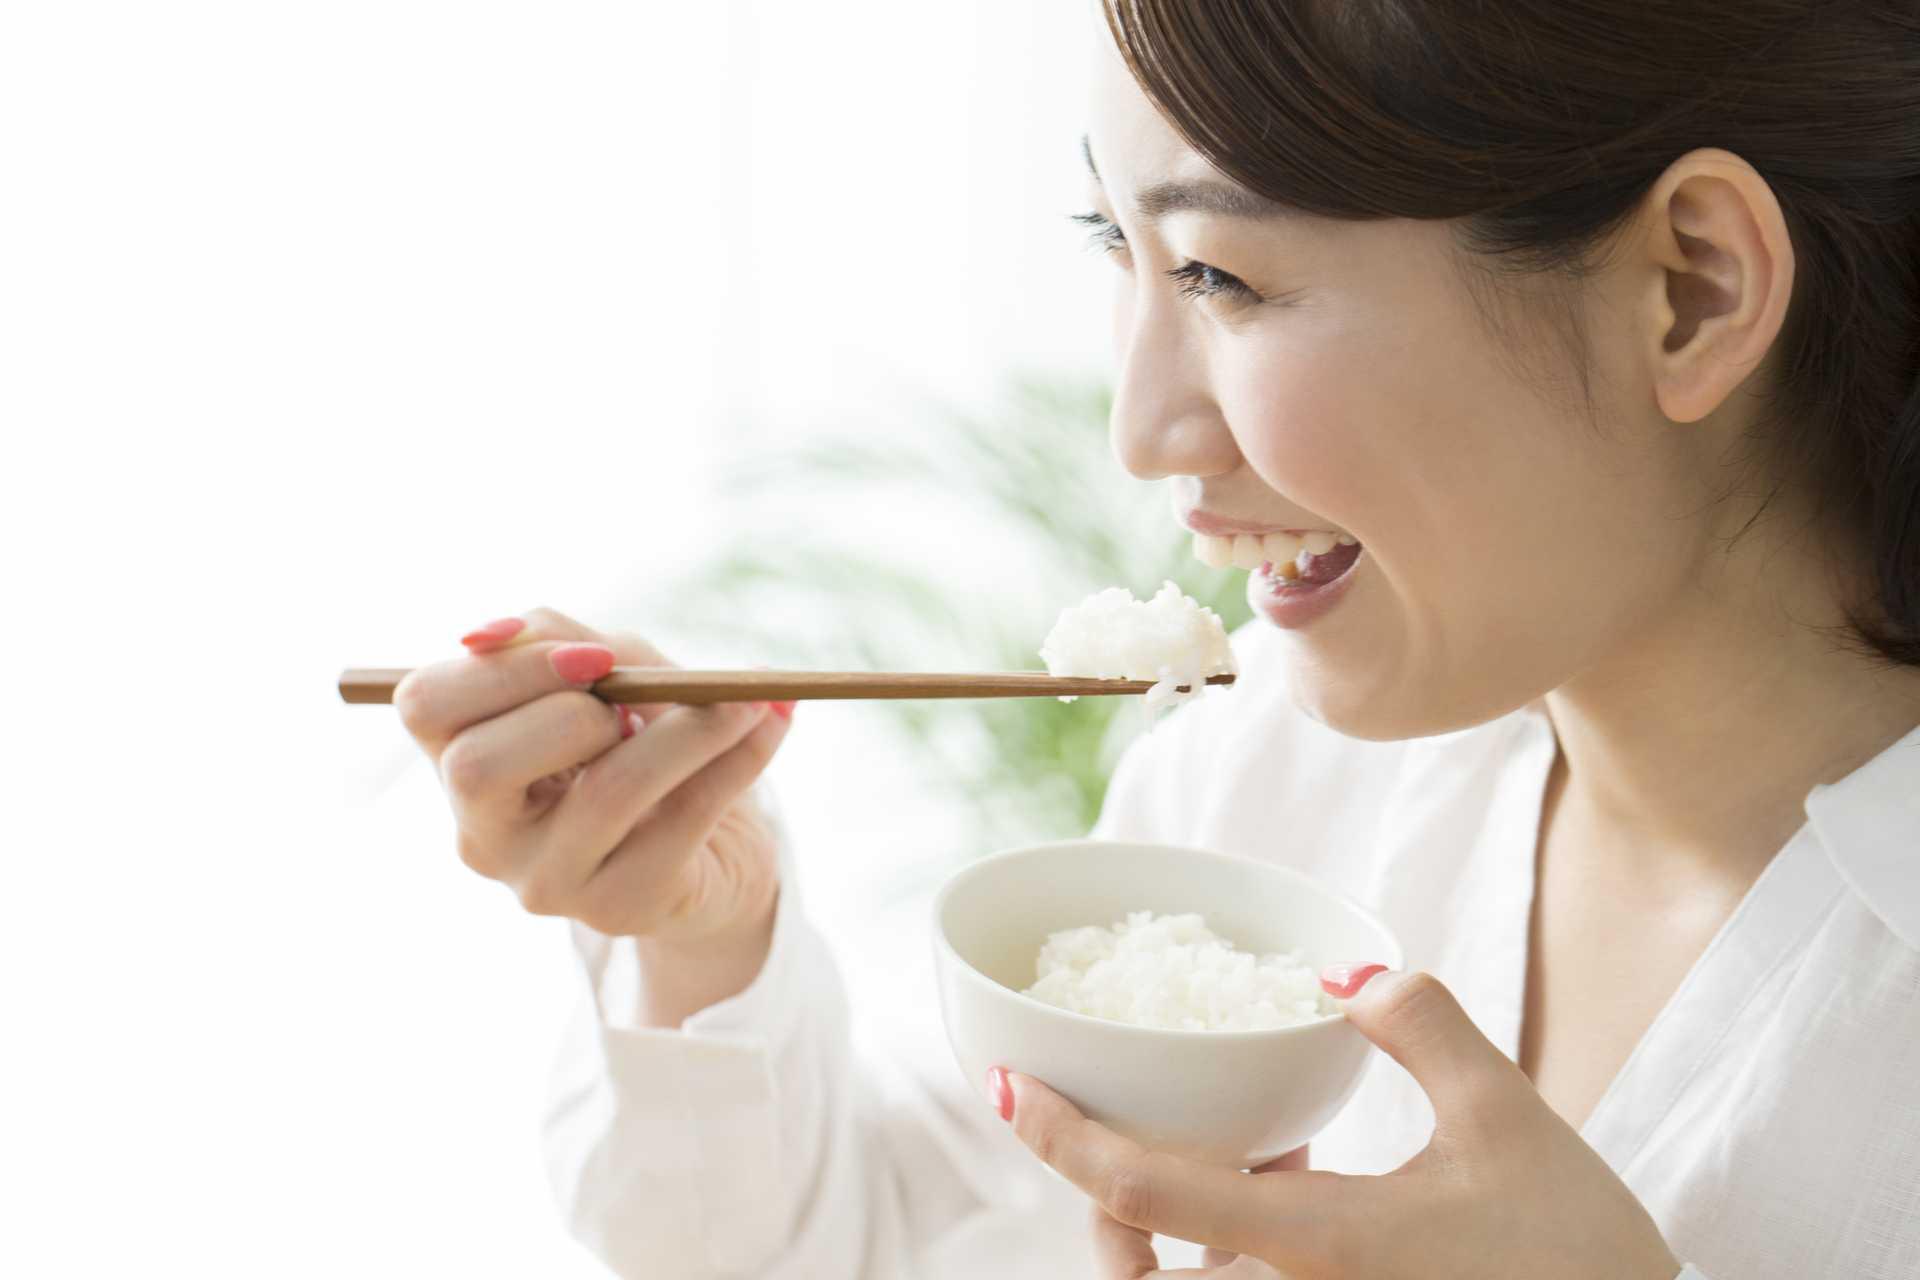 よく噛んで食べれば、おかずなしでもご飯はおいしい。 | のんびり気楽に生きる30の心の習慣